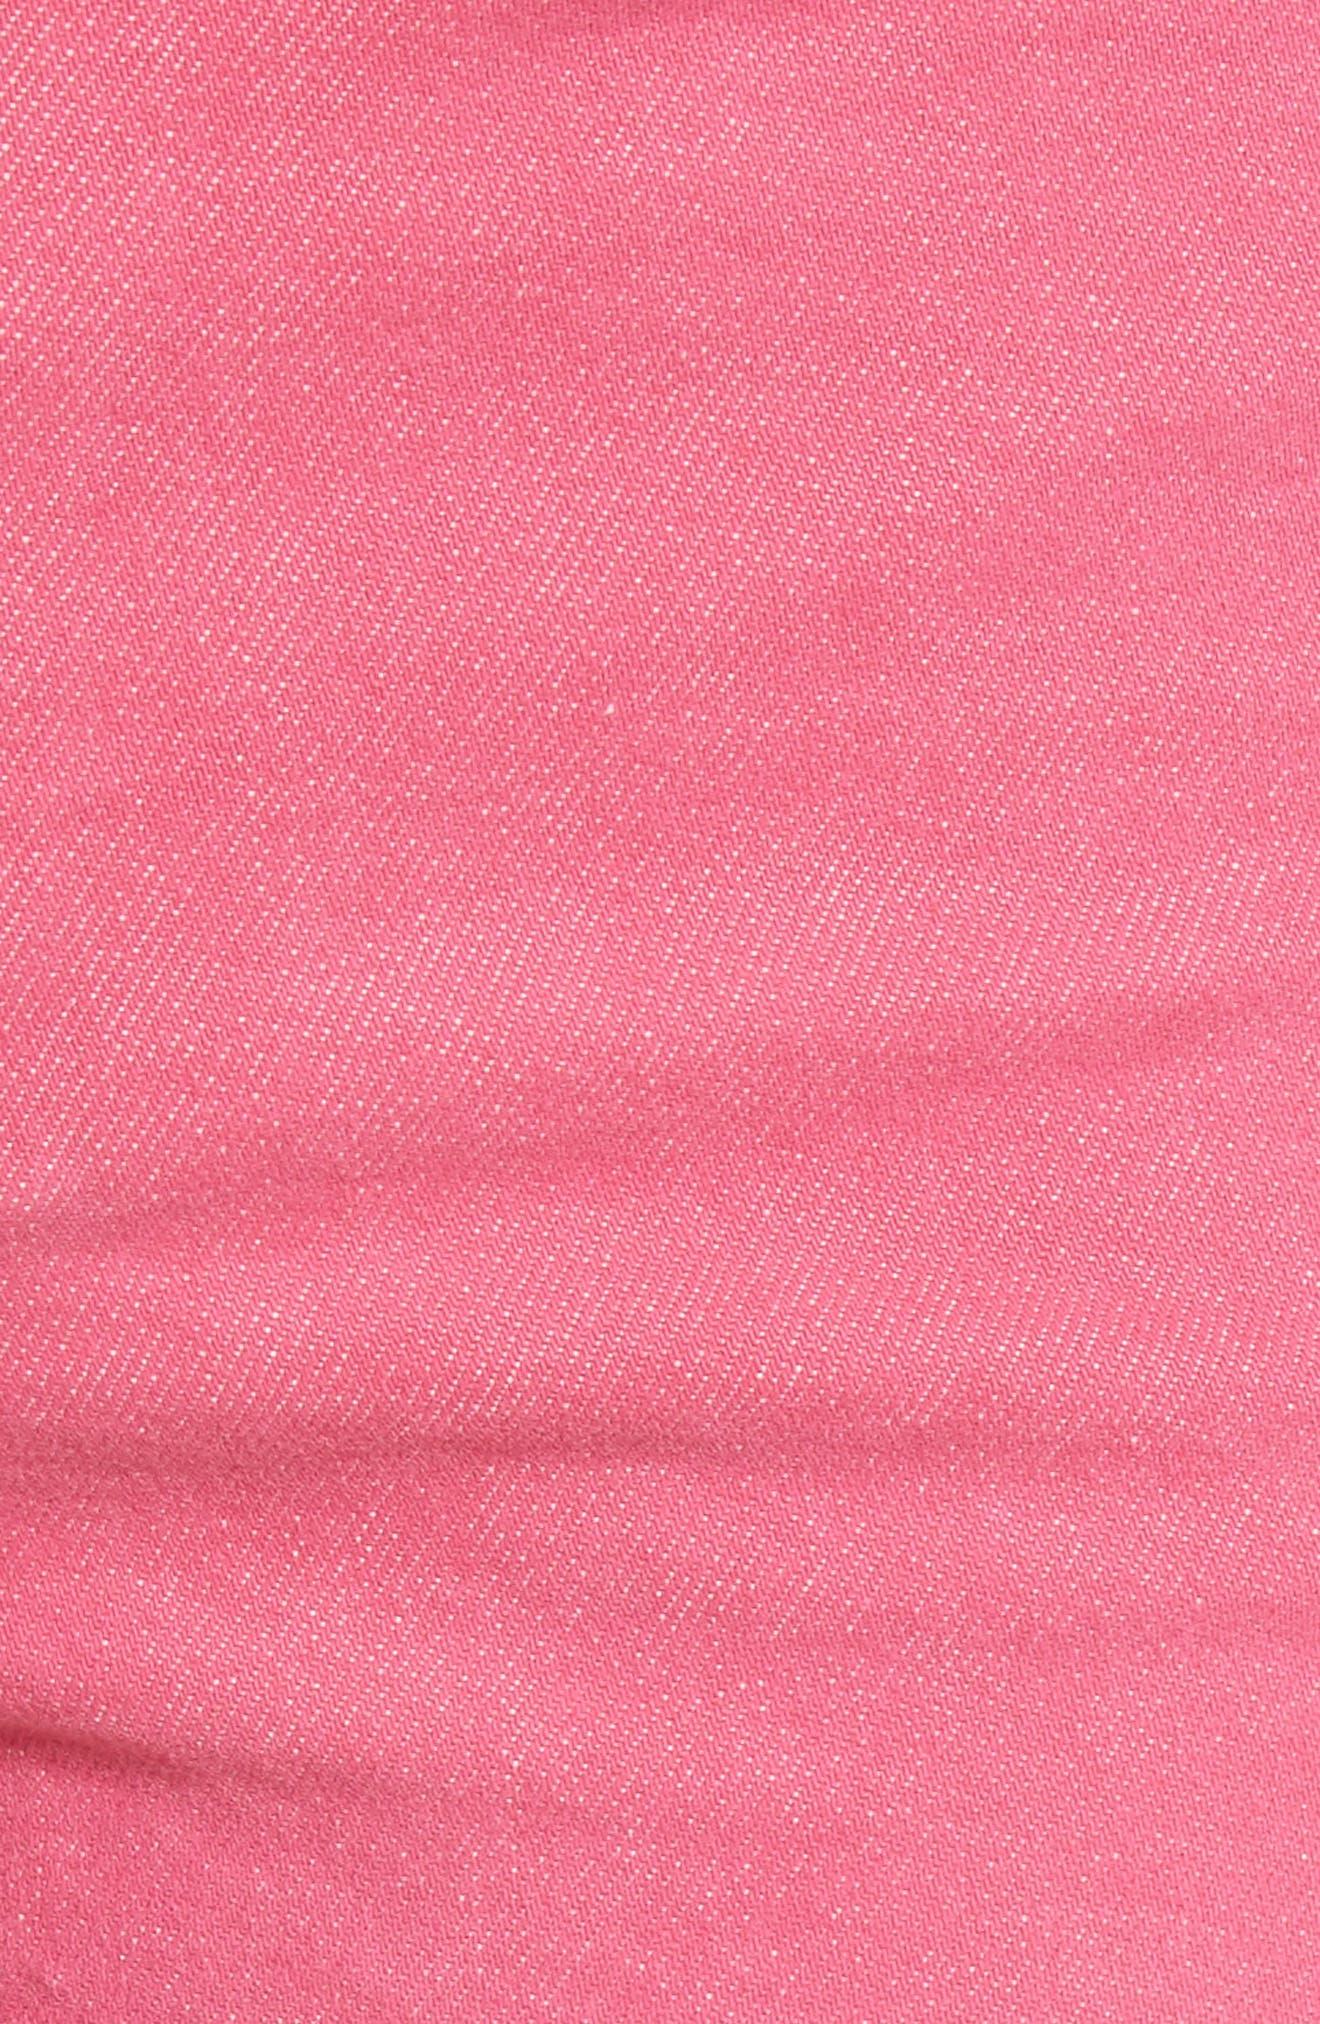 Justine High Waist Denim Shorts,                             Alternate thumbnail 6, color,                             672